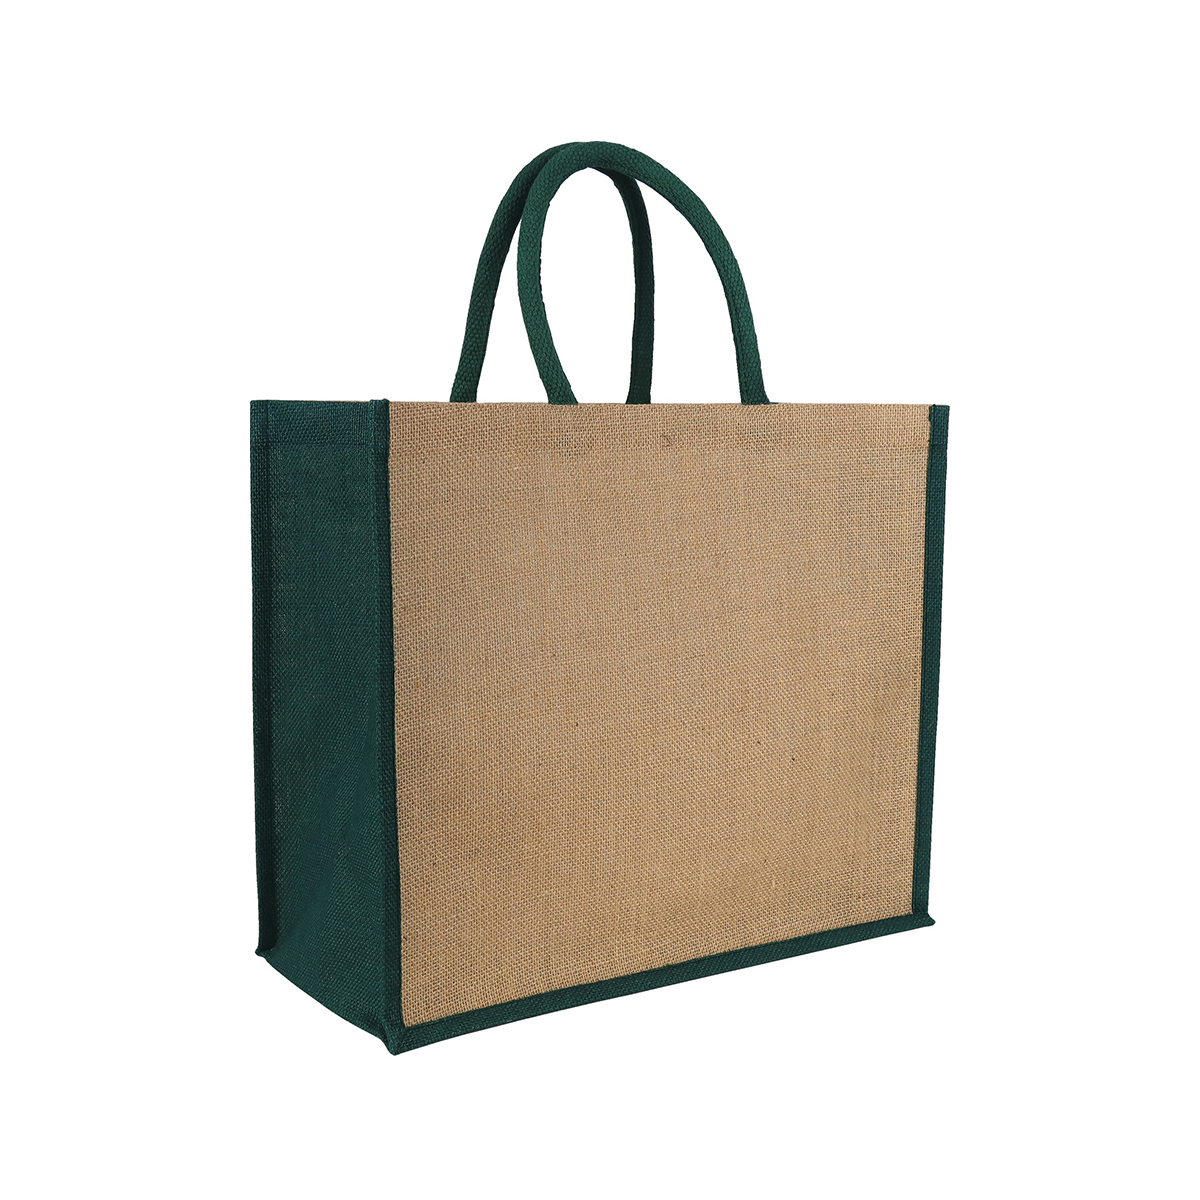 Laminated Jute Tote Bag Green